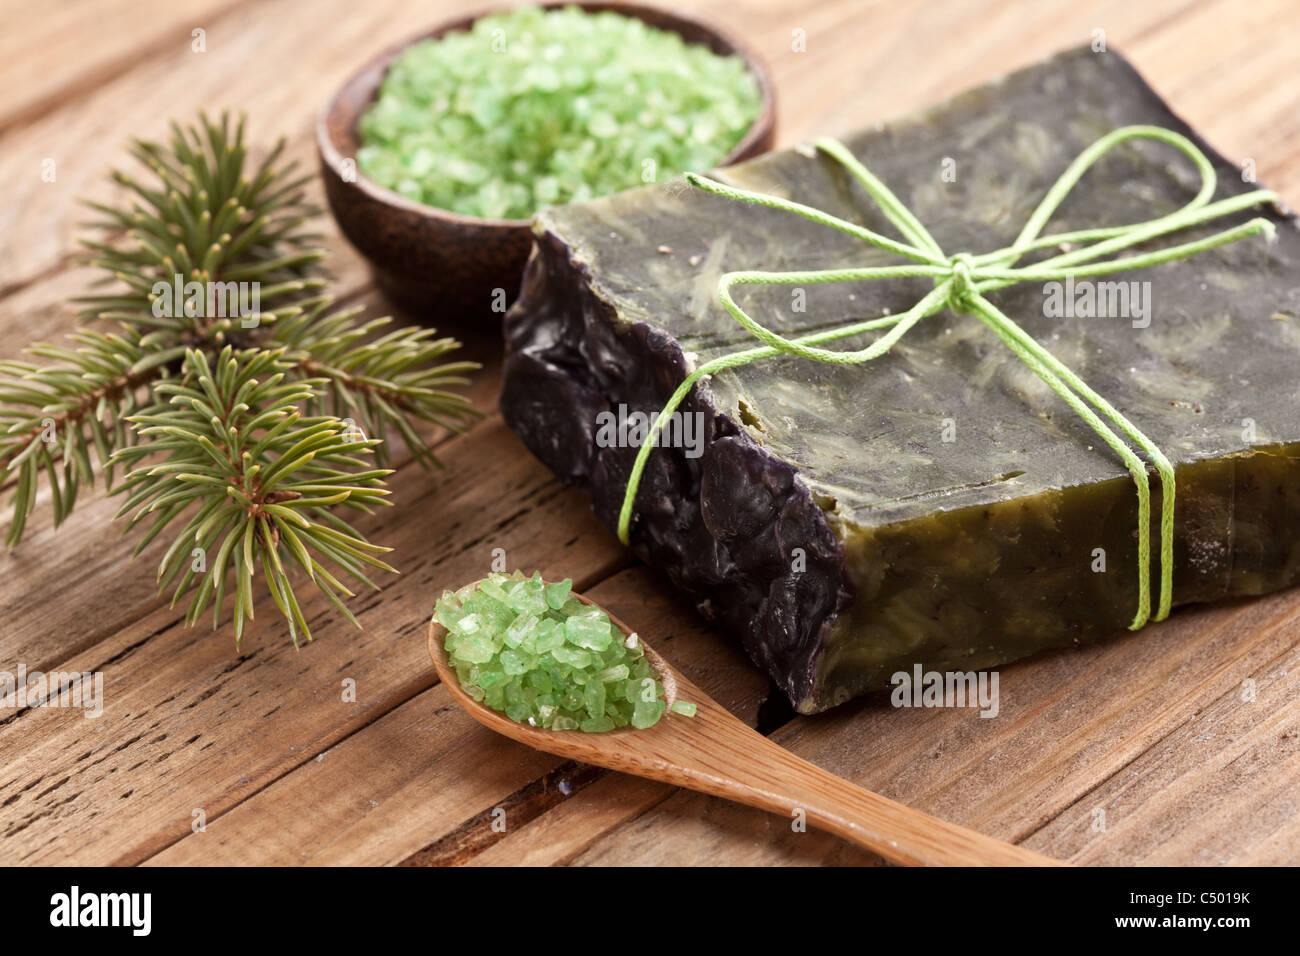 Jabón de pino con sal de mar y la rama de pino. Imagen De Stock